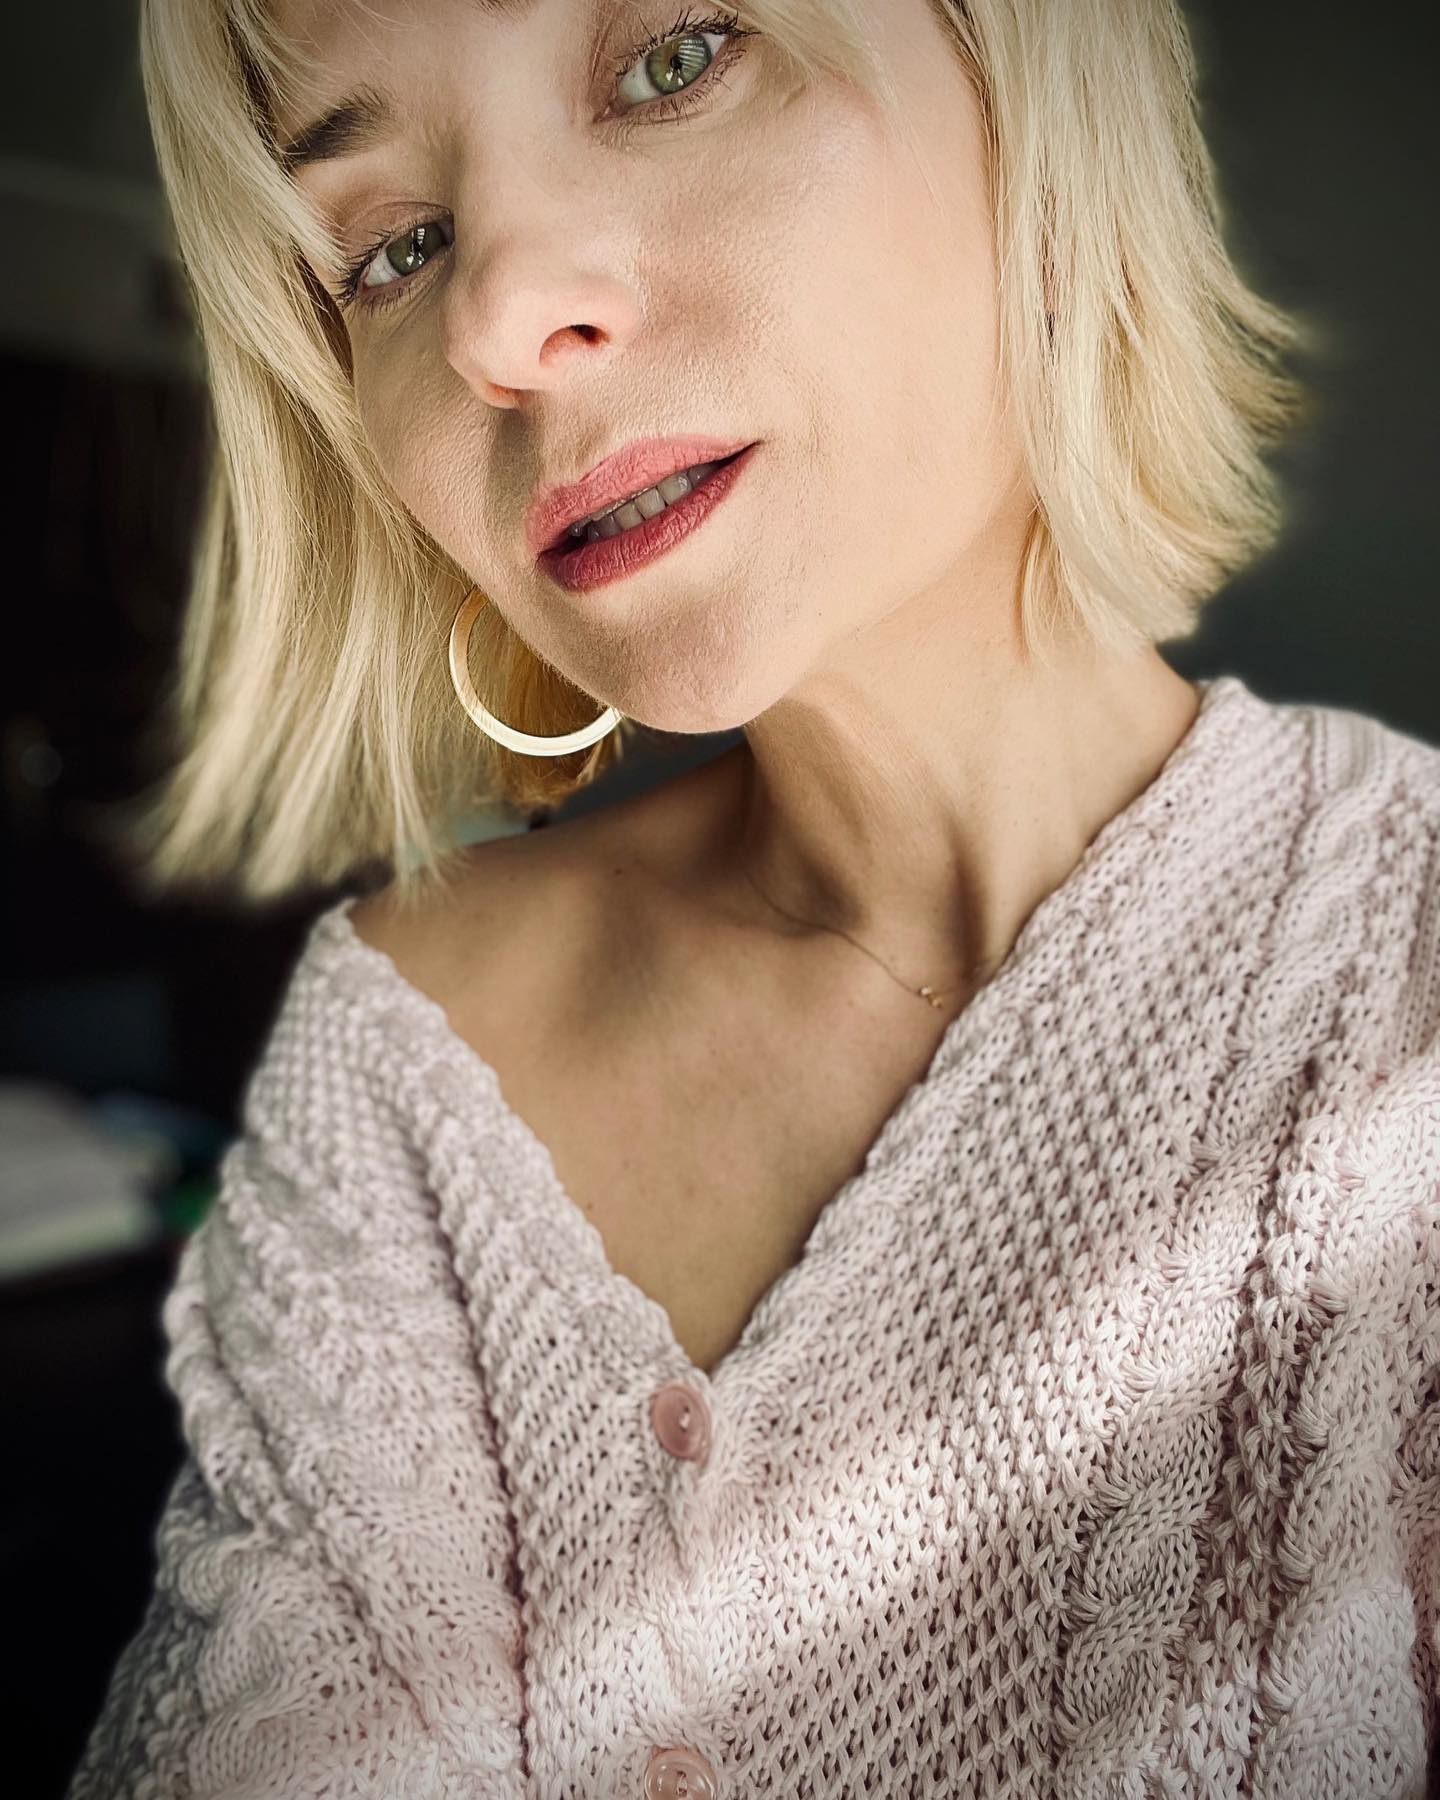 W poszukiwaniu promieni słońca… Lubię delikatny róż 🌸🌸🌸   #Bienkovska #MilenaBienkowska #me #polskakobieta #róż #sweter #promieniesłońca #kolczyki @aniakruk_jewellery #knit #cotton #knitwear #kochamswetry #influencer #woman #designer #model #blondehair #prgirl #zdjęciednia #selfie #selfcare #selflove #selfacceptance 💫✨⚡️